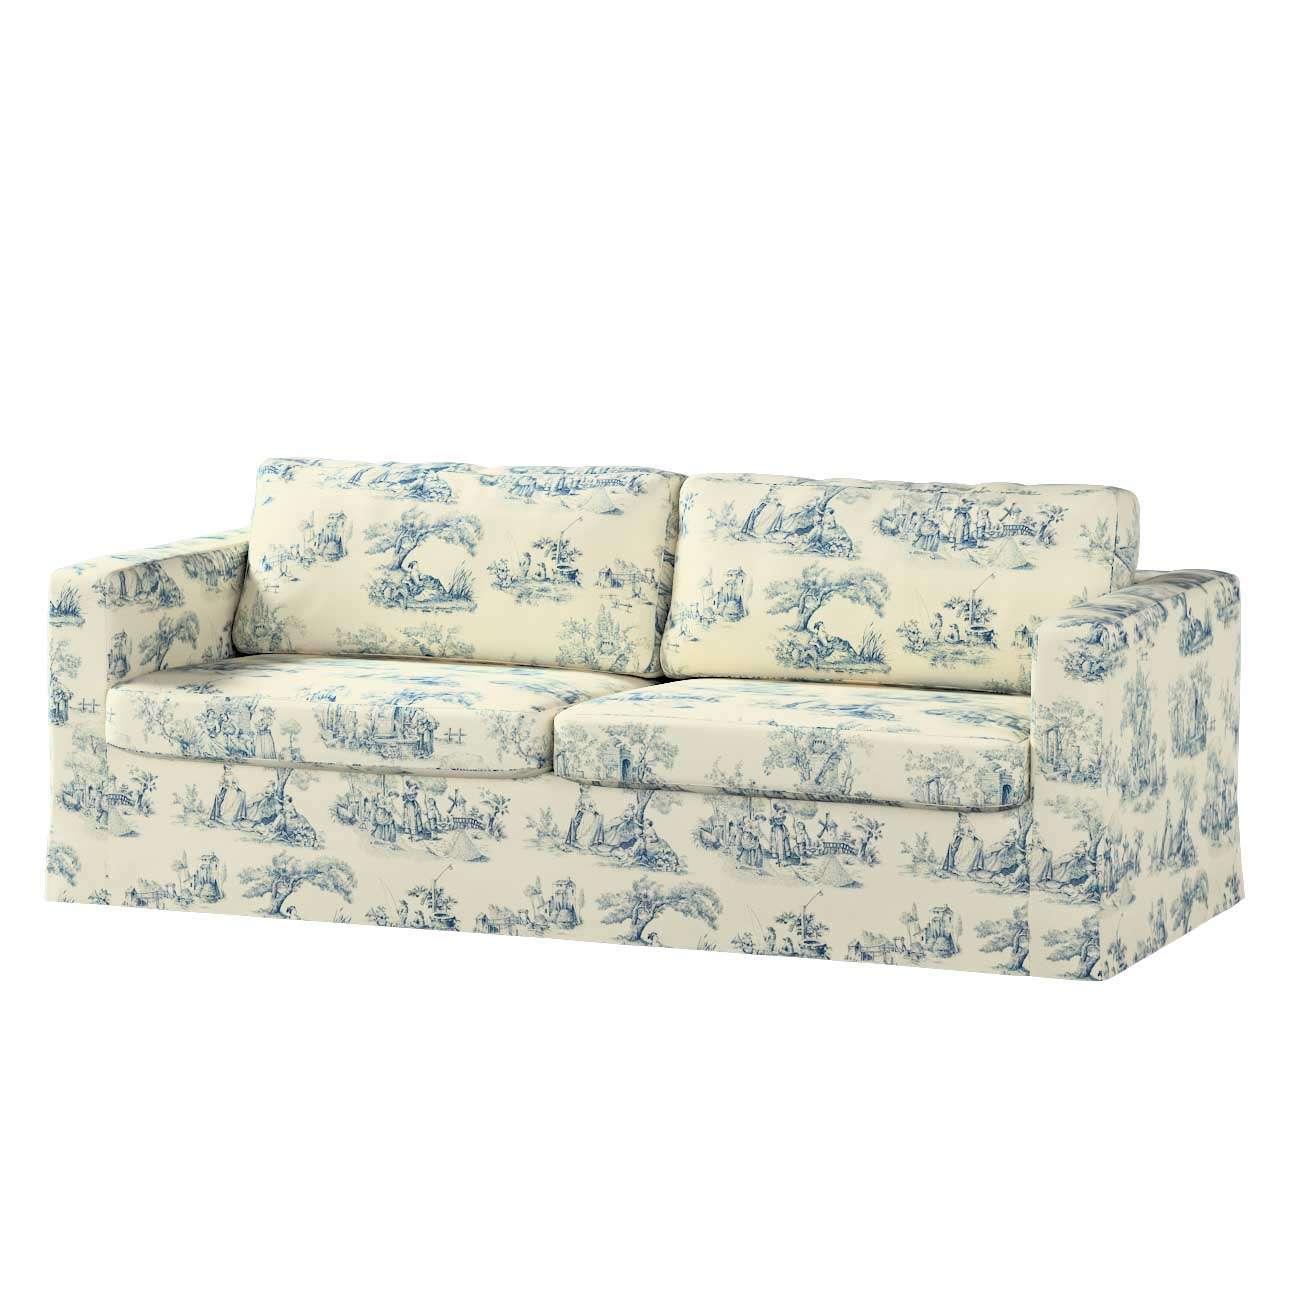 Karlstad 3-Sitzer Sofabezug nicht ausklappbar lang Sofahusse, Karlstad 3-Sitzer von der Kollektion Avinon, Stoff: 132-66